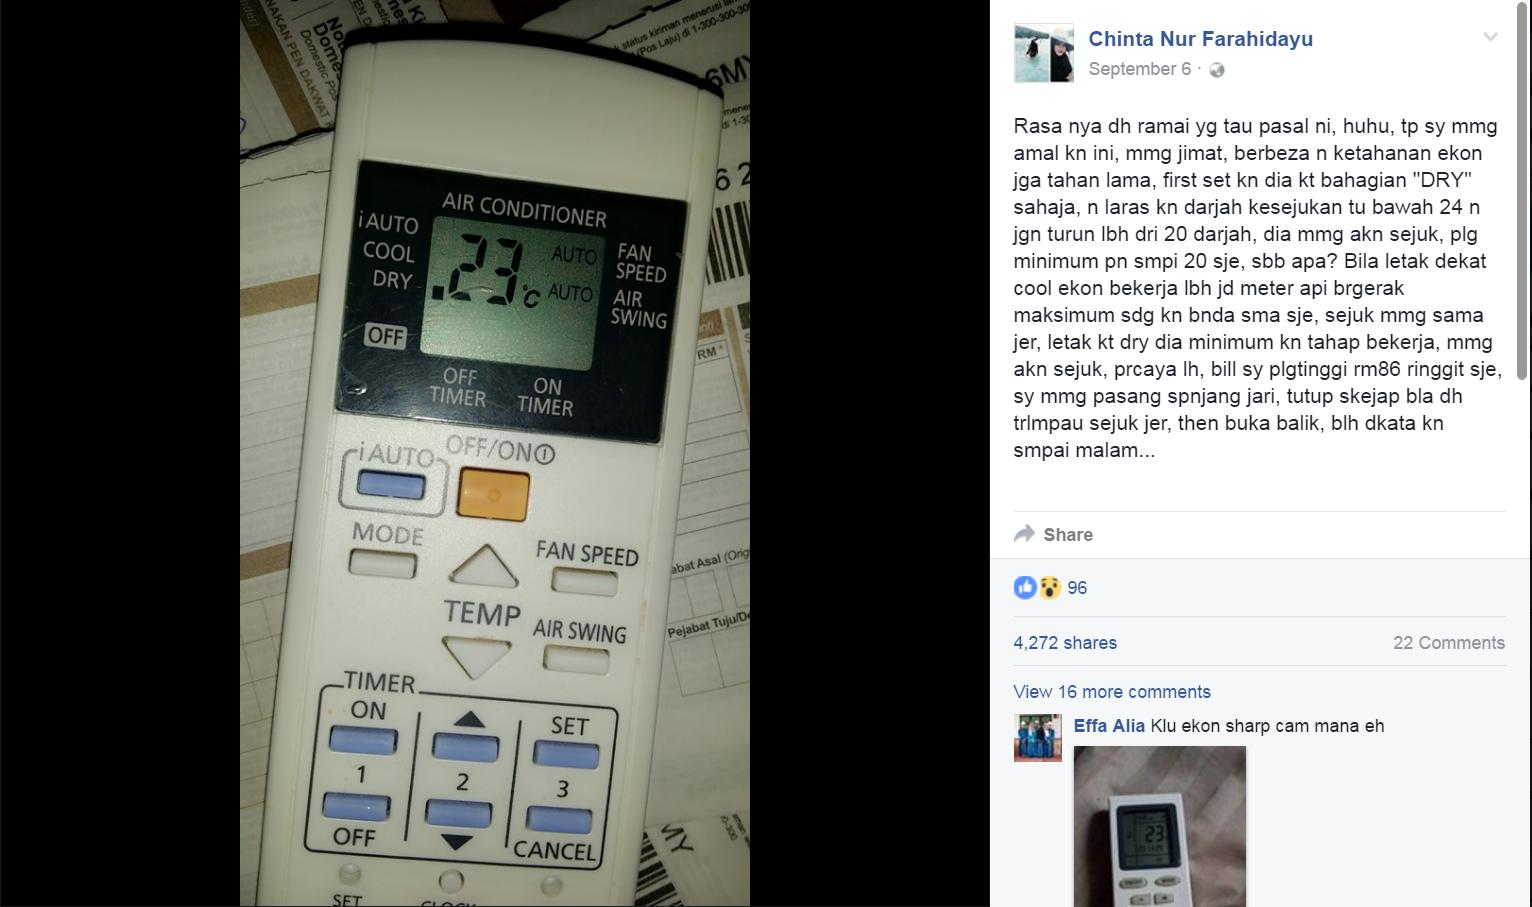 Lepas Pasang Aircond Kat Homestay Lendu Tu Keluarlah K Cara Nak Jimat Penggunaan Elektrik Bila Guna Jadi Kita Cuba La Ye Tips Yang Di Kongsi